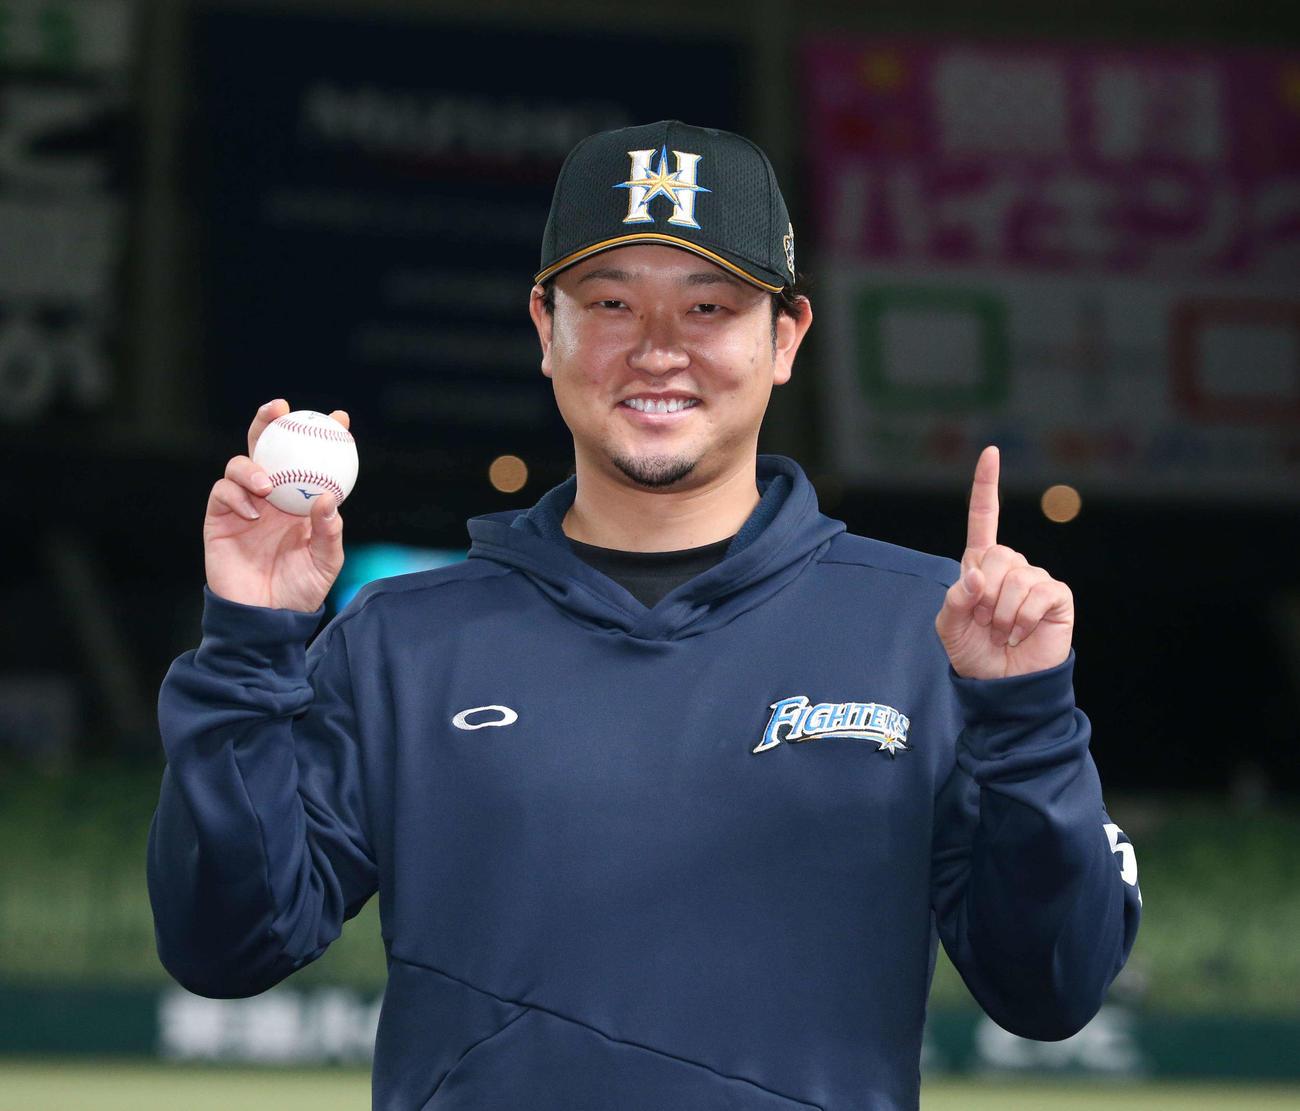 西武対日本ハム 移籍後、初勝利を挙げウイニングボールを手に笑顔の池田(撮影・黒川智章)